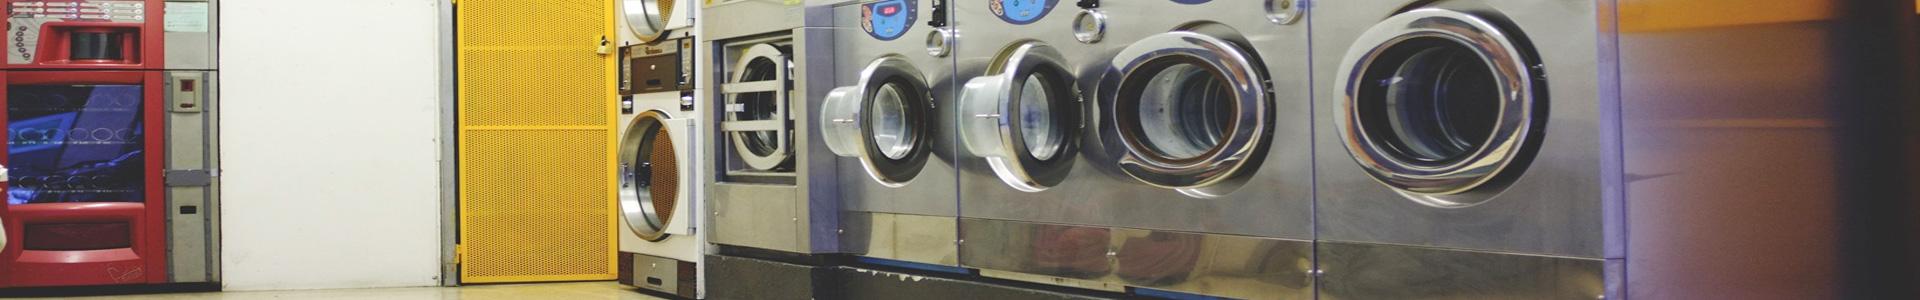 洗衣设备 Banner